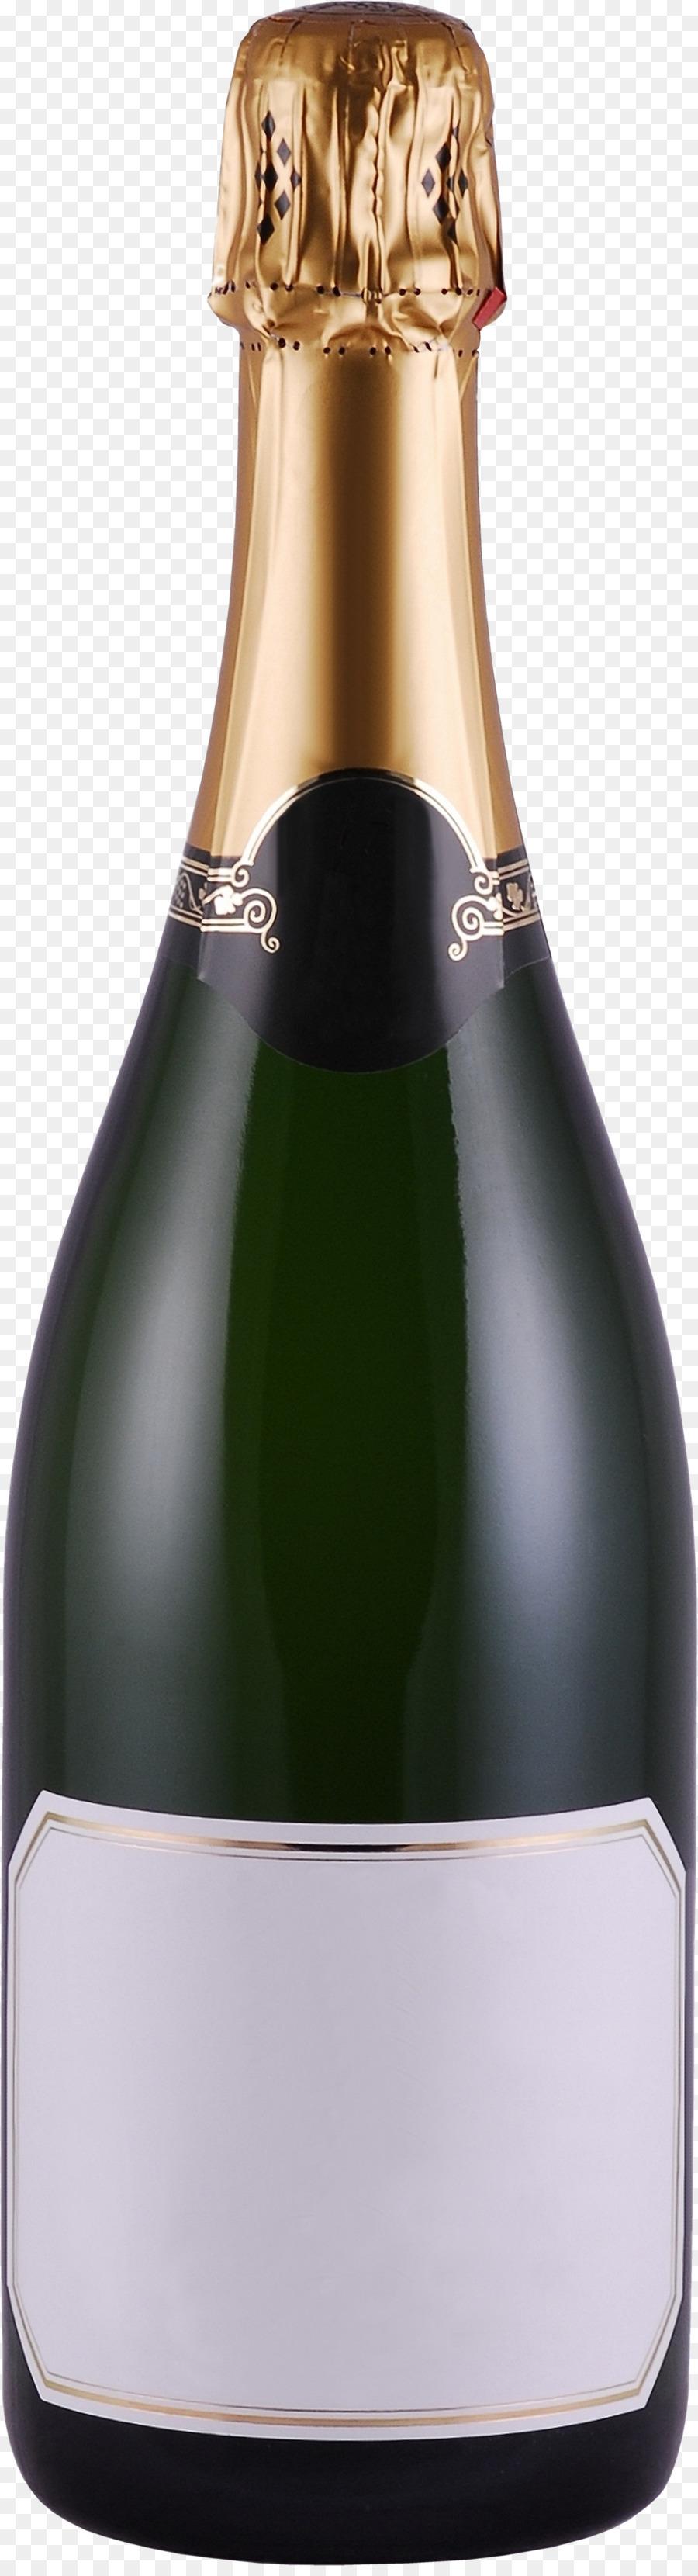 Champagne bottle clip art. Champaign clipart prosecco